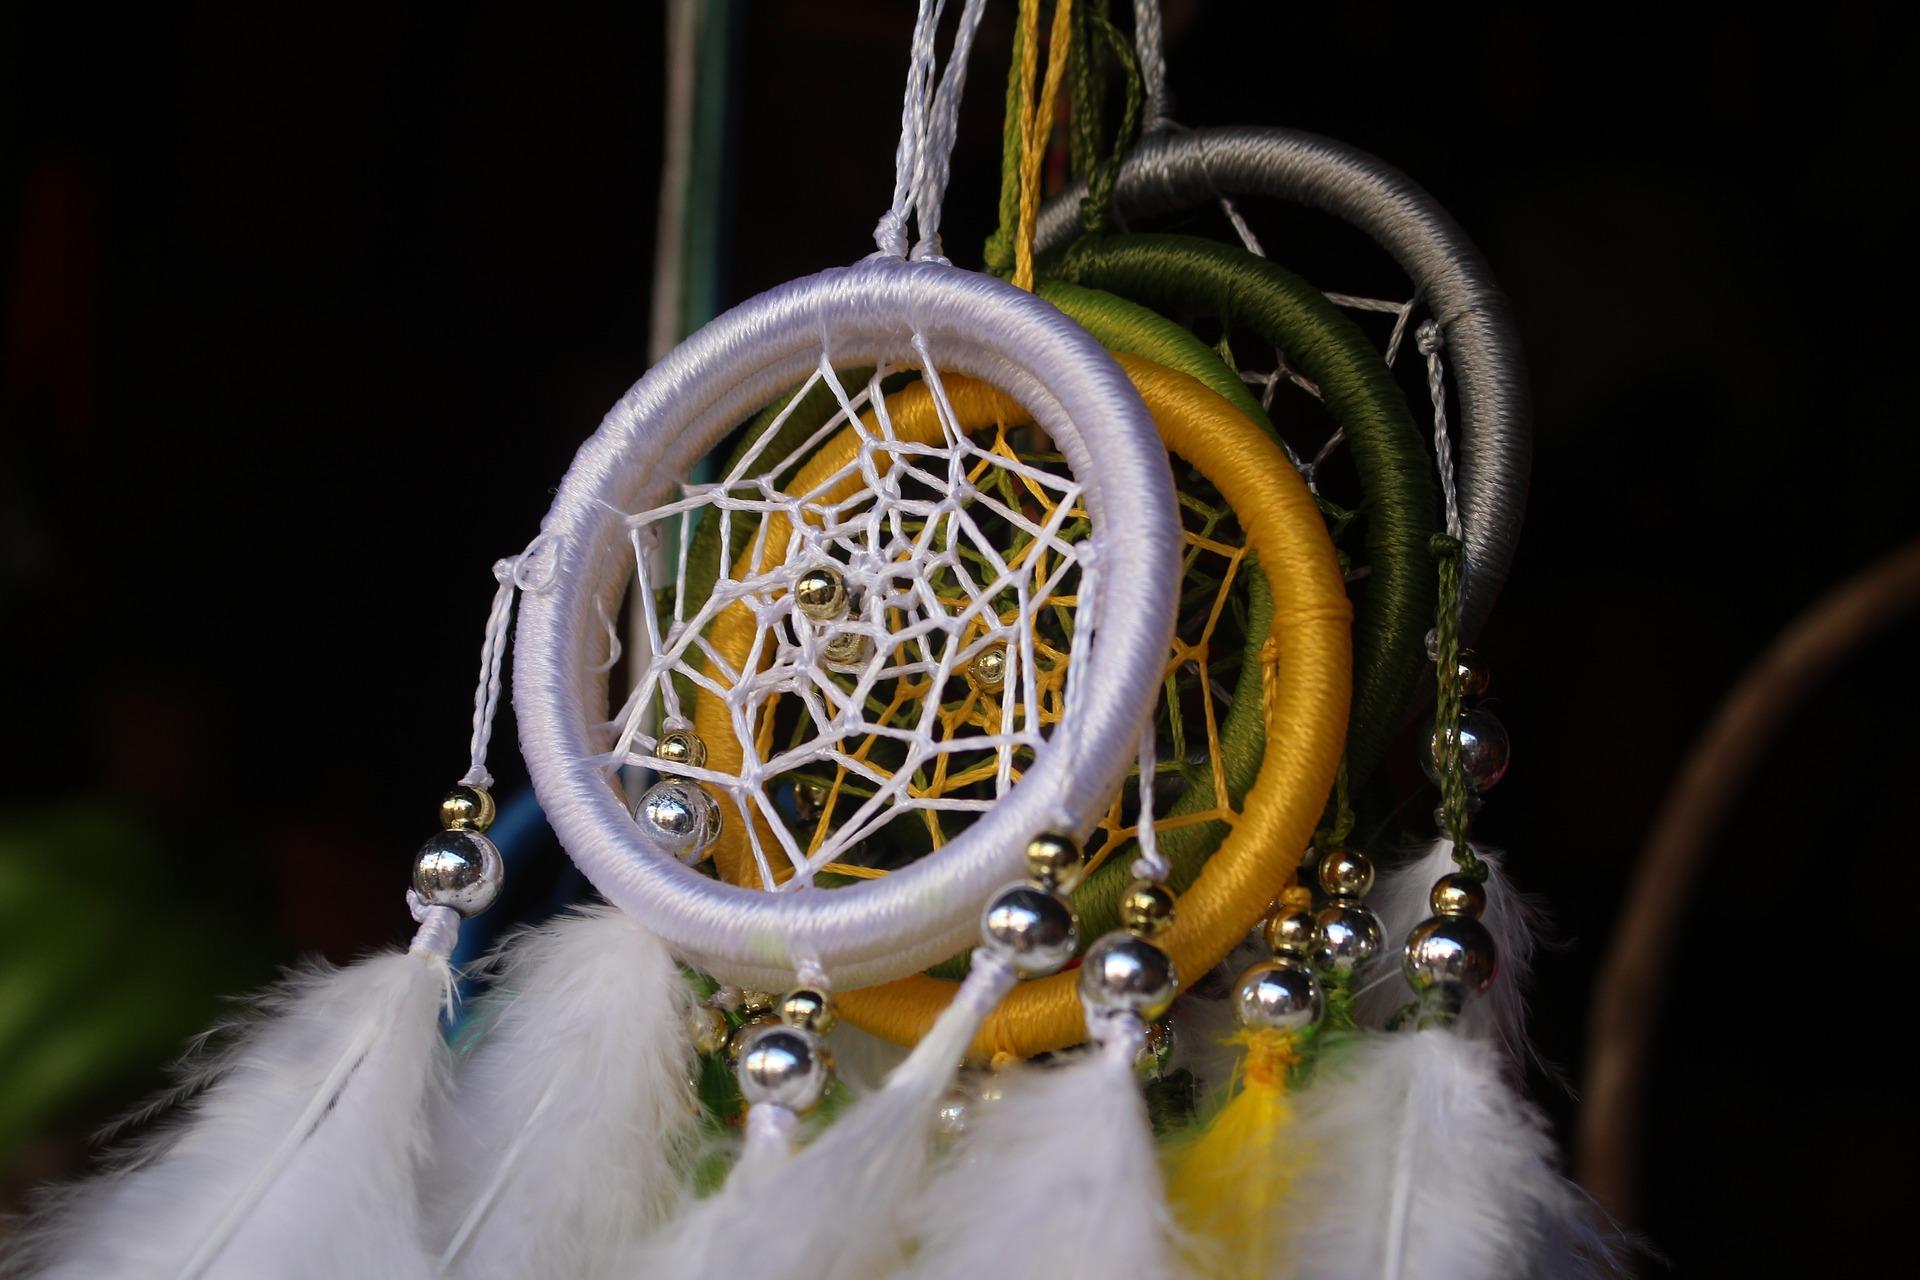 Negozio esoterico: come si sprigiona il potere della magia